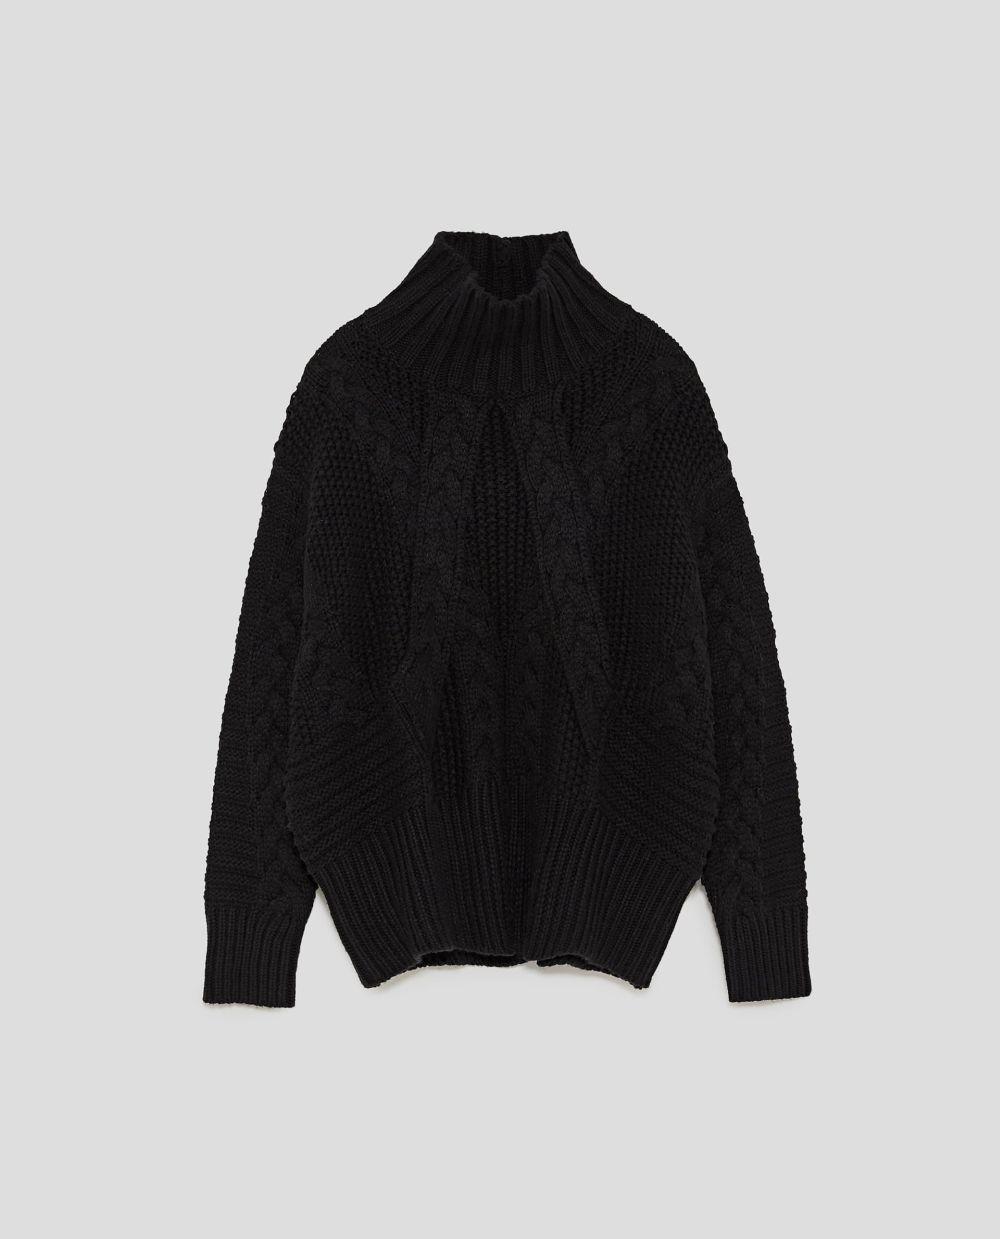 Jersey de cuello alto de Zara (19,99 euros)